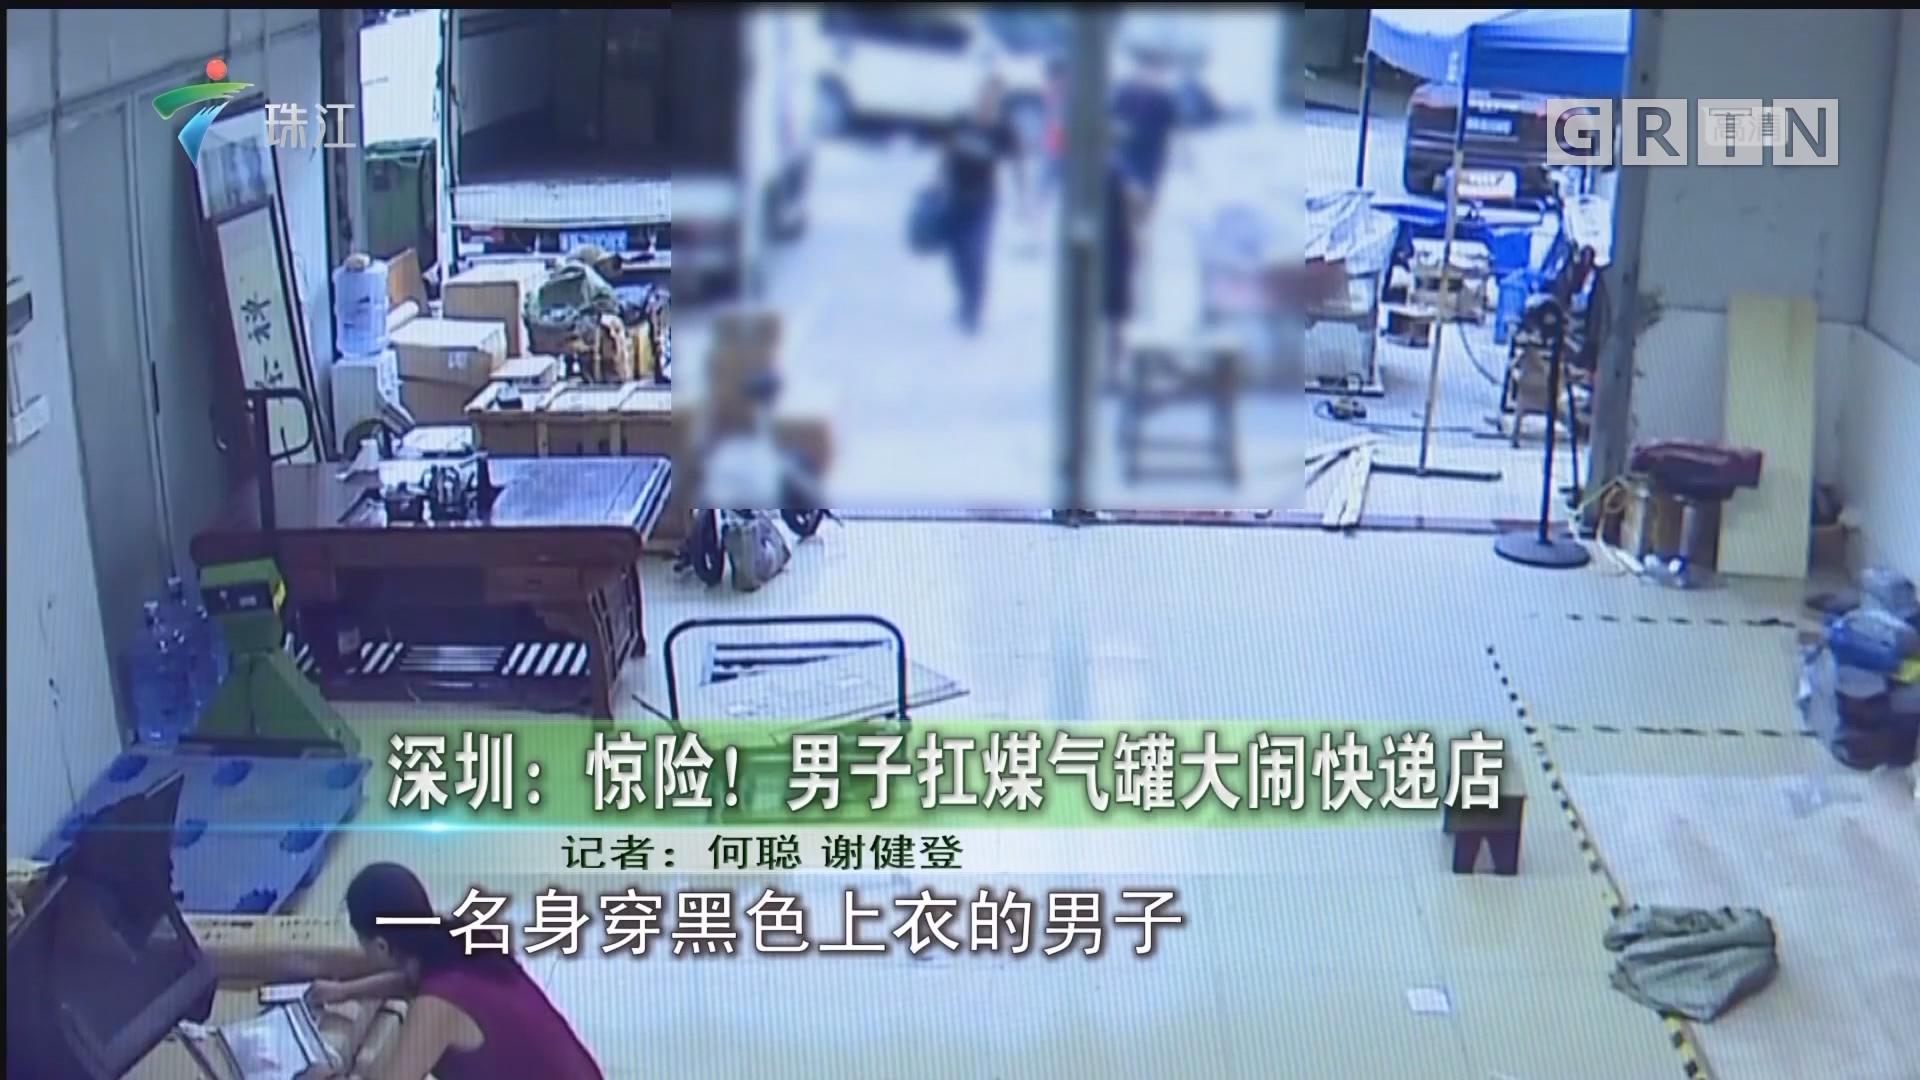 深圳:惊险!男子扛煤气罐大闹快递店